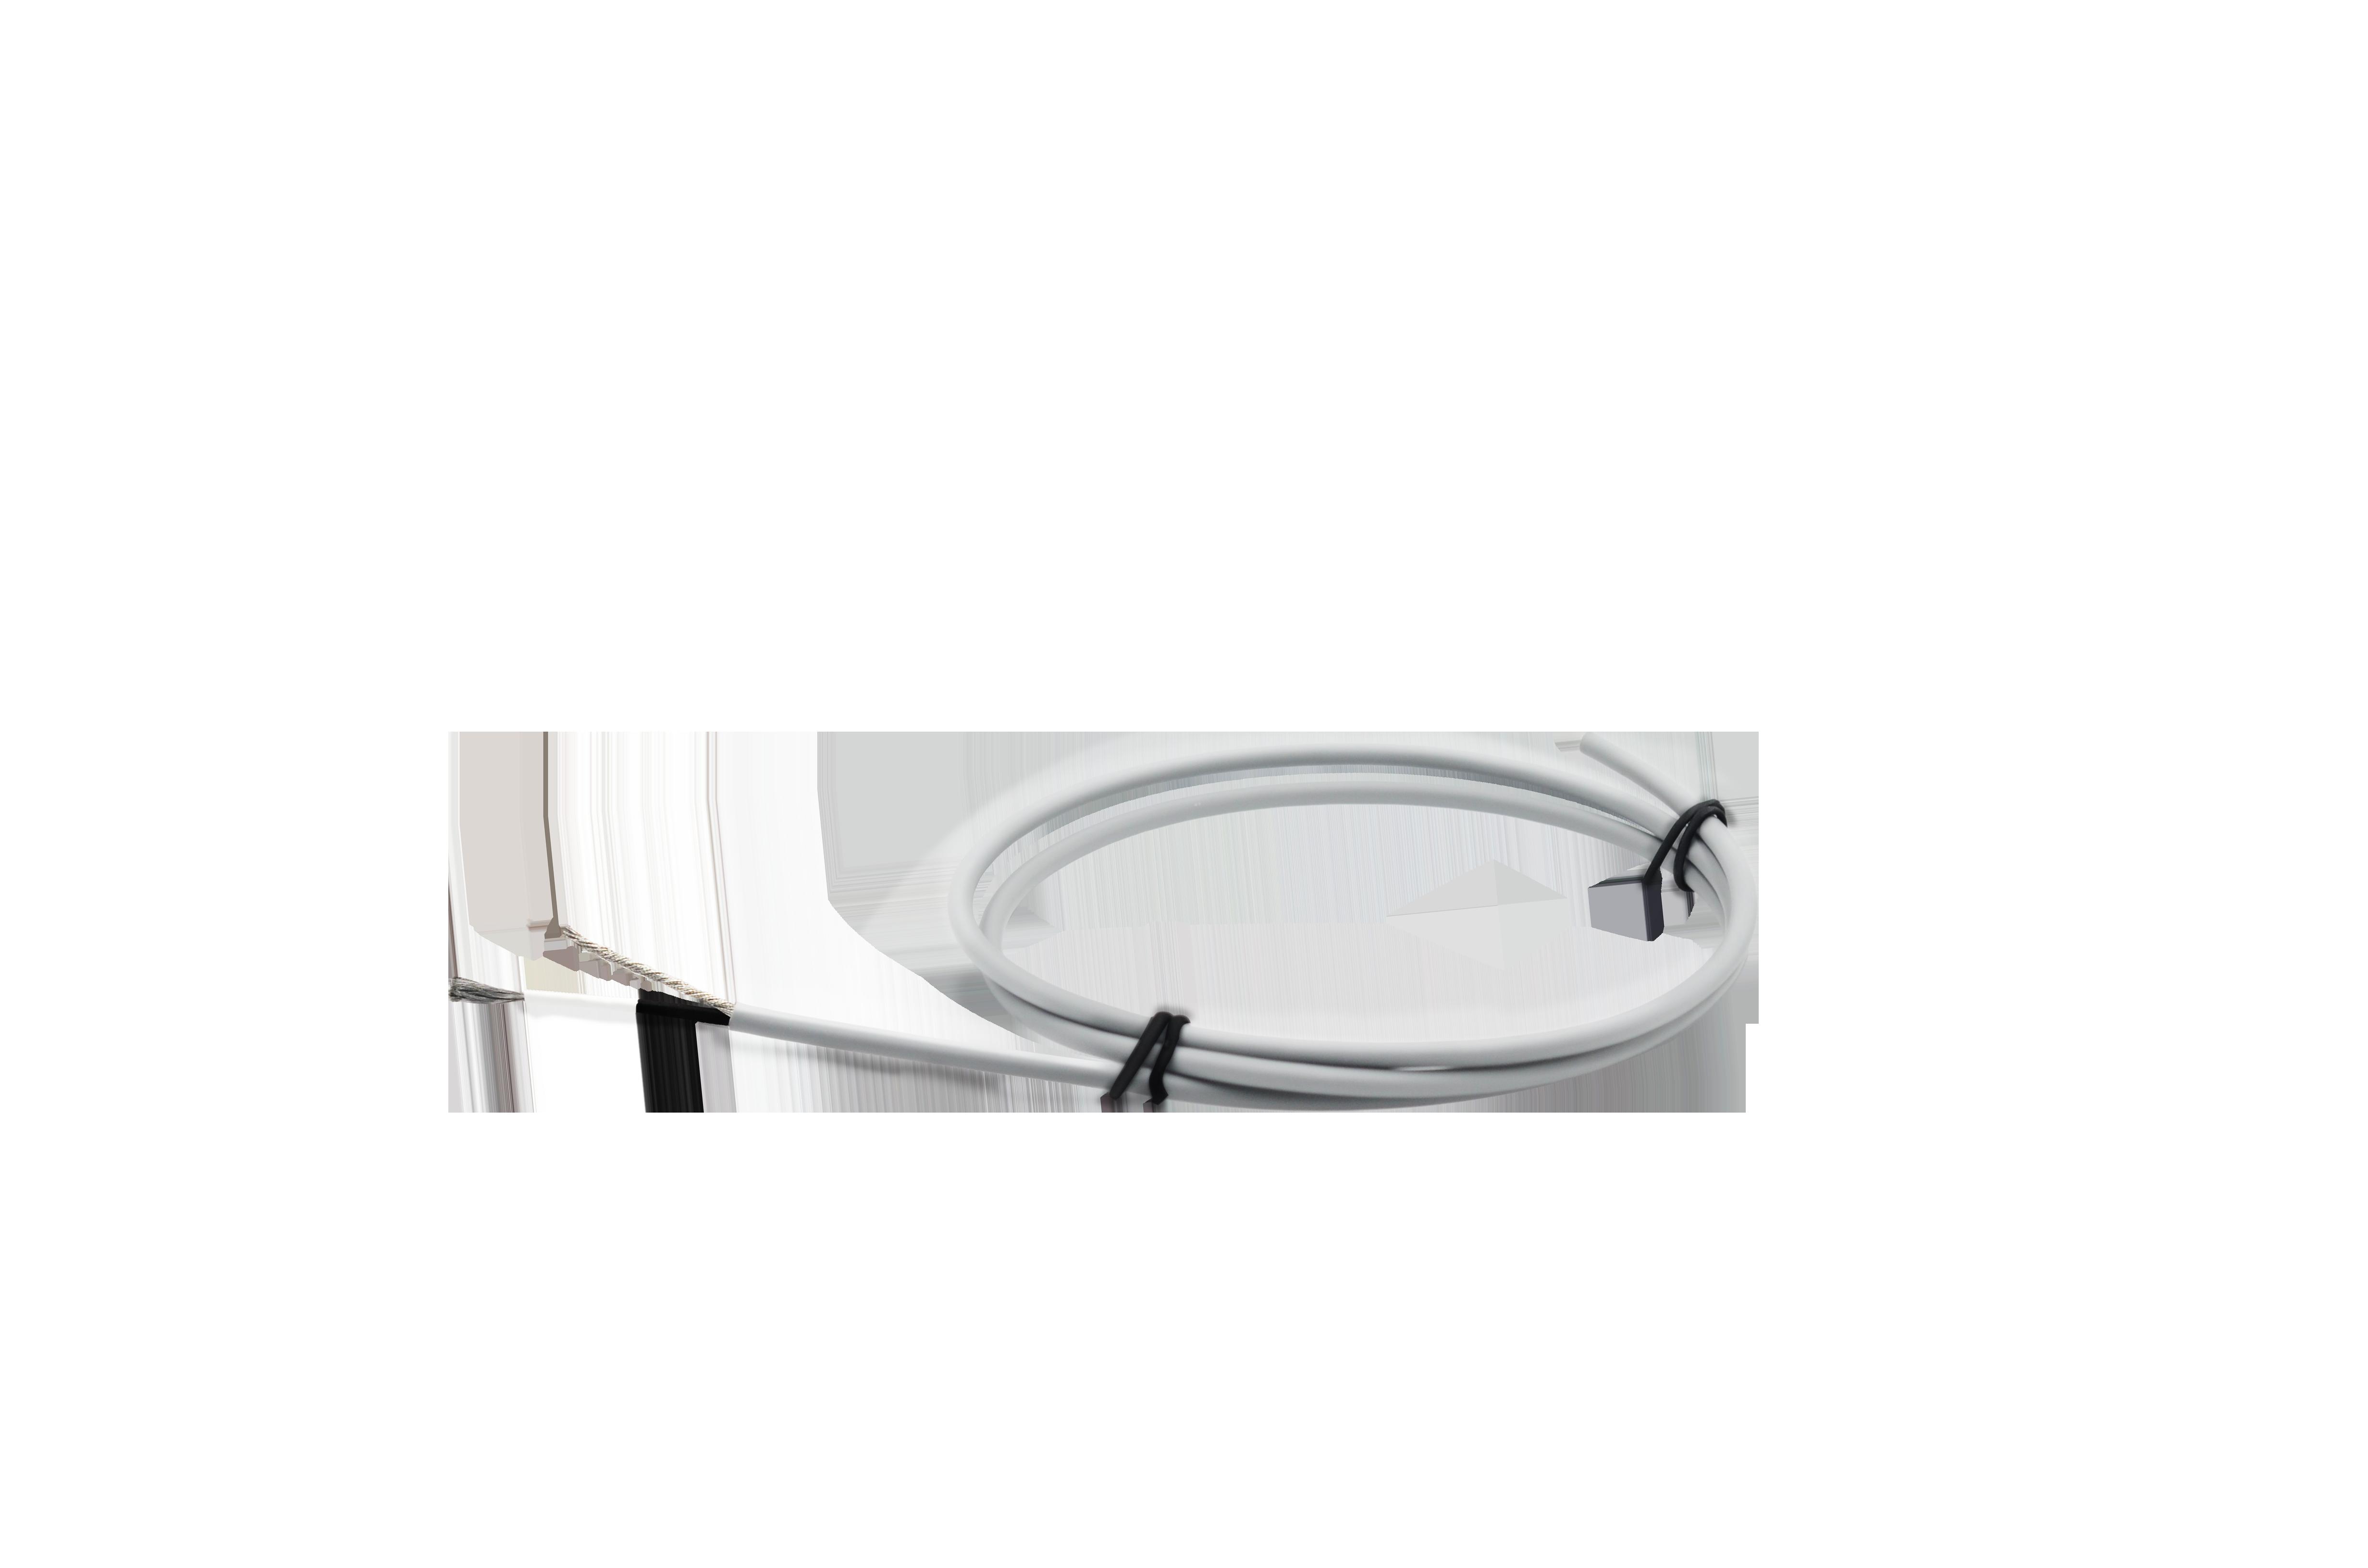 Durable Carbon Fiber ECG cable